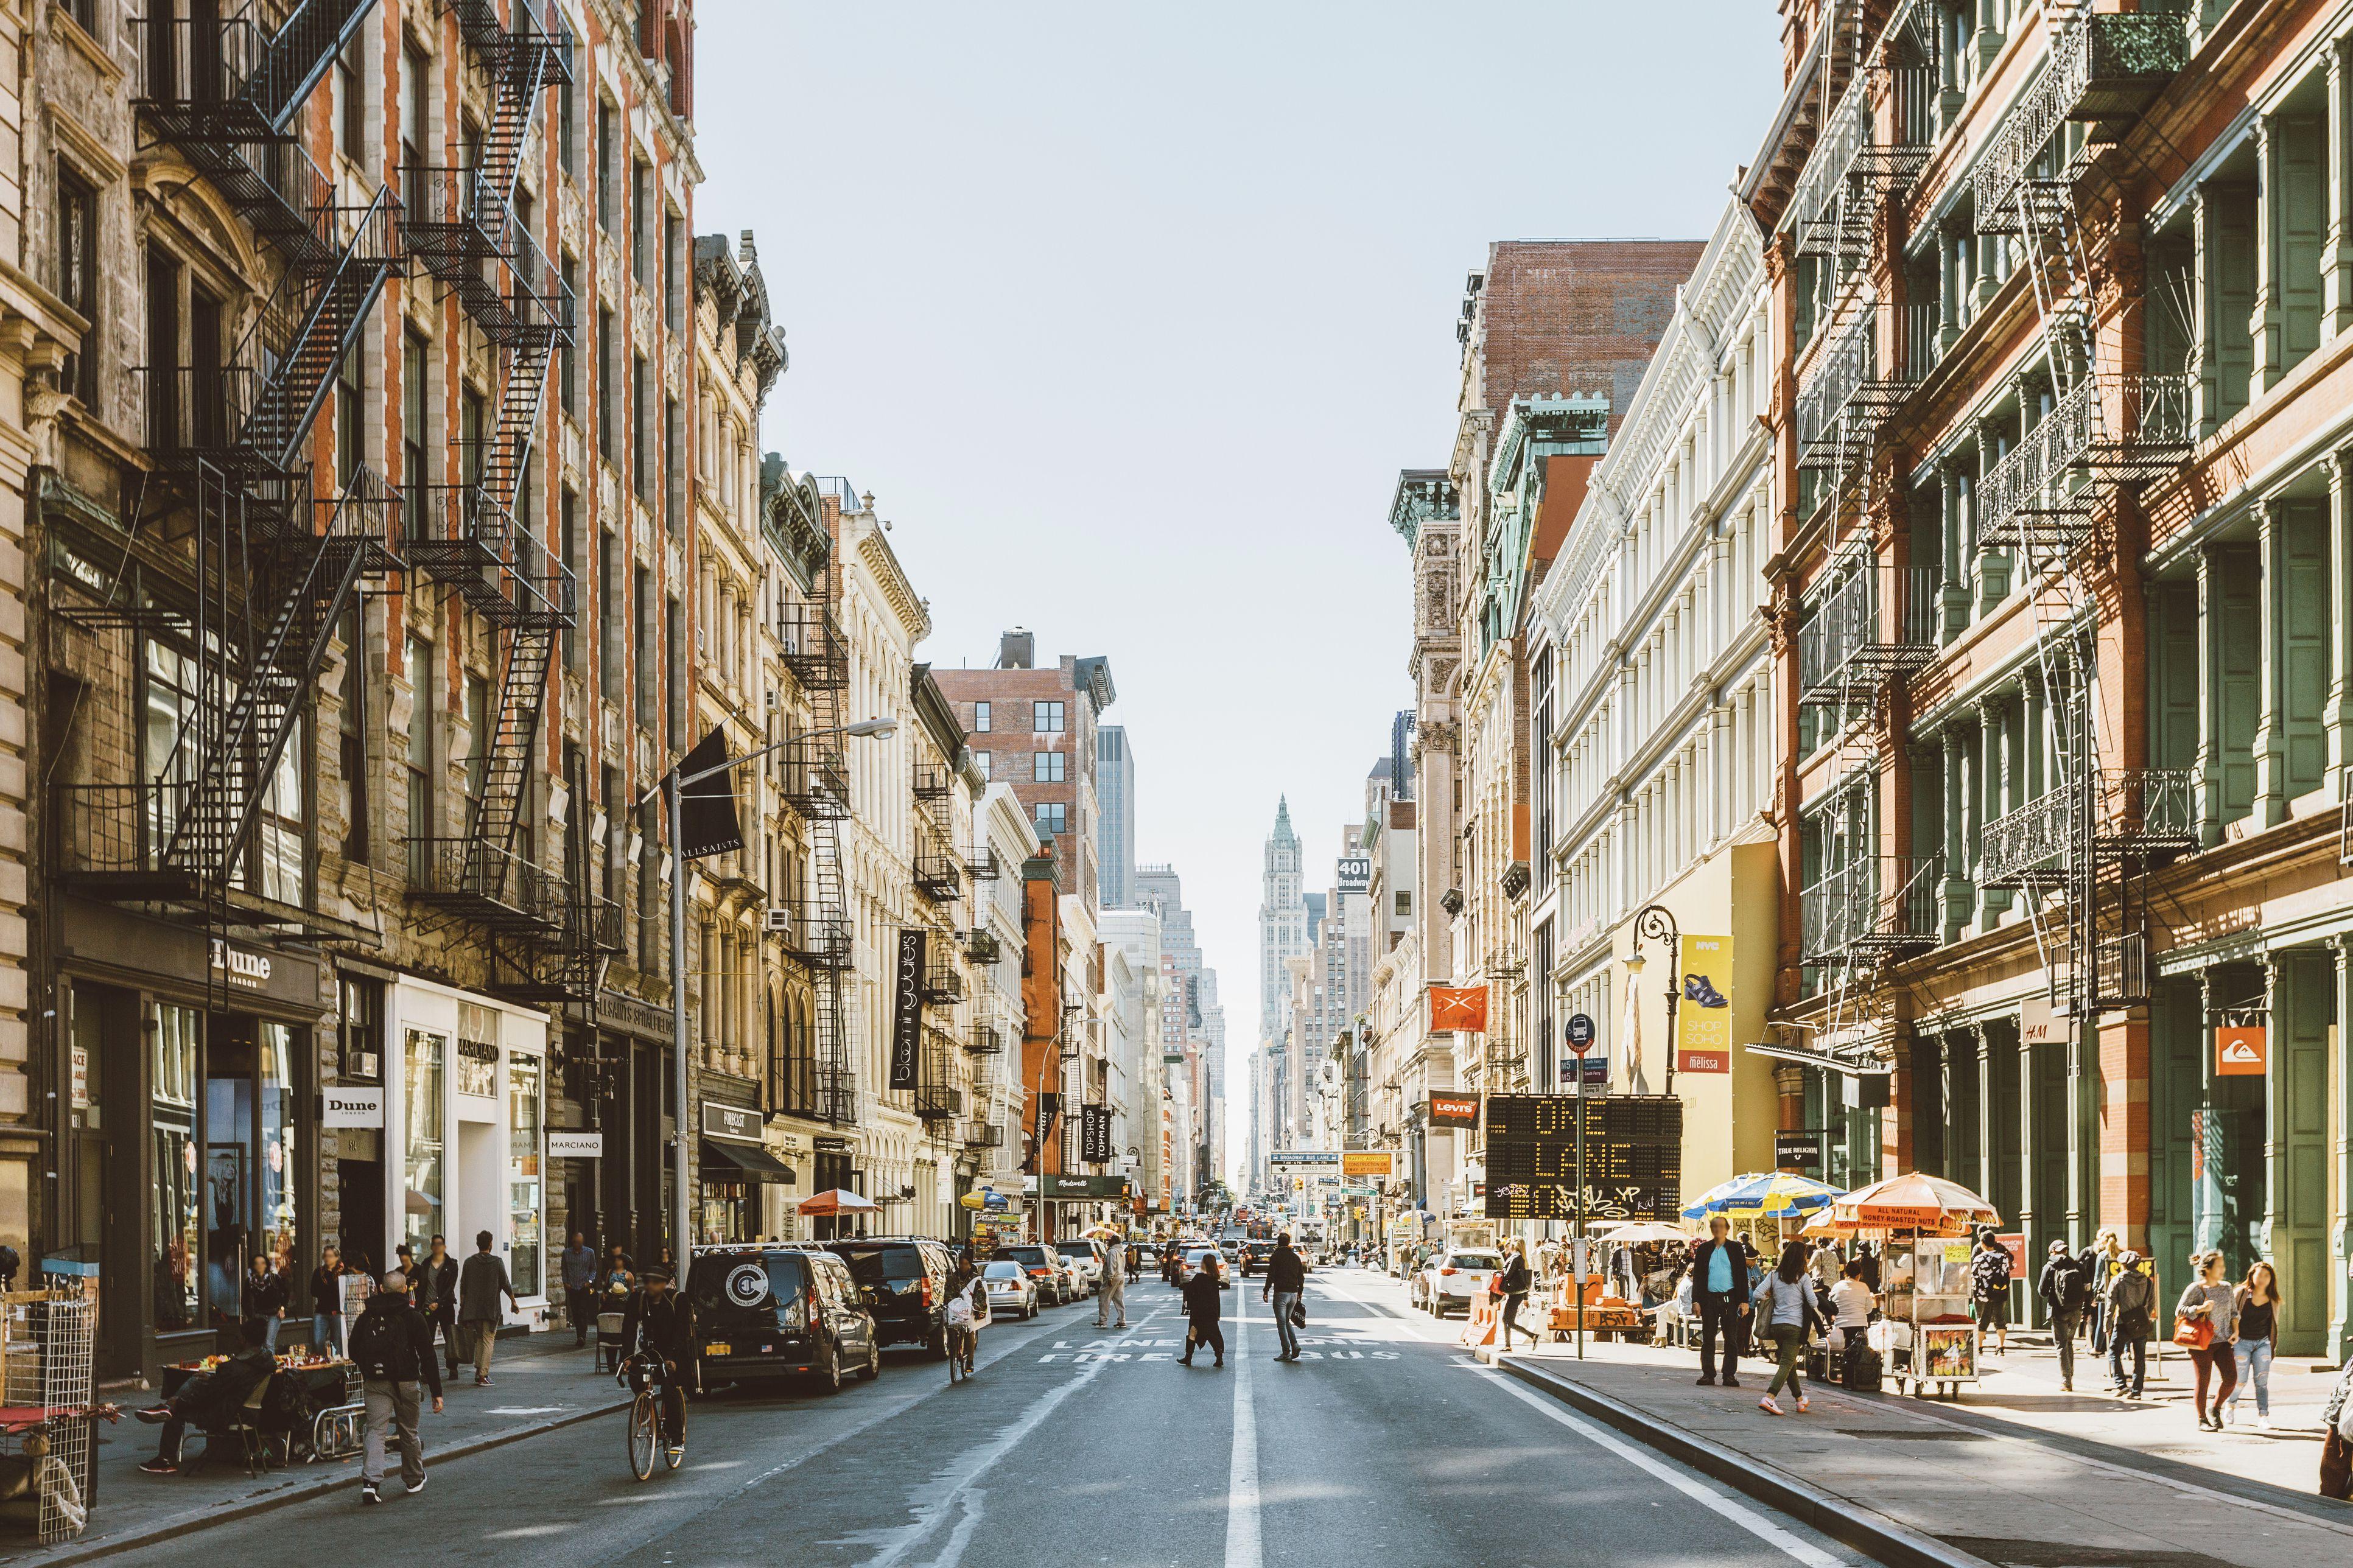 Calles de Soho, Nueva York, EE. UU.